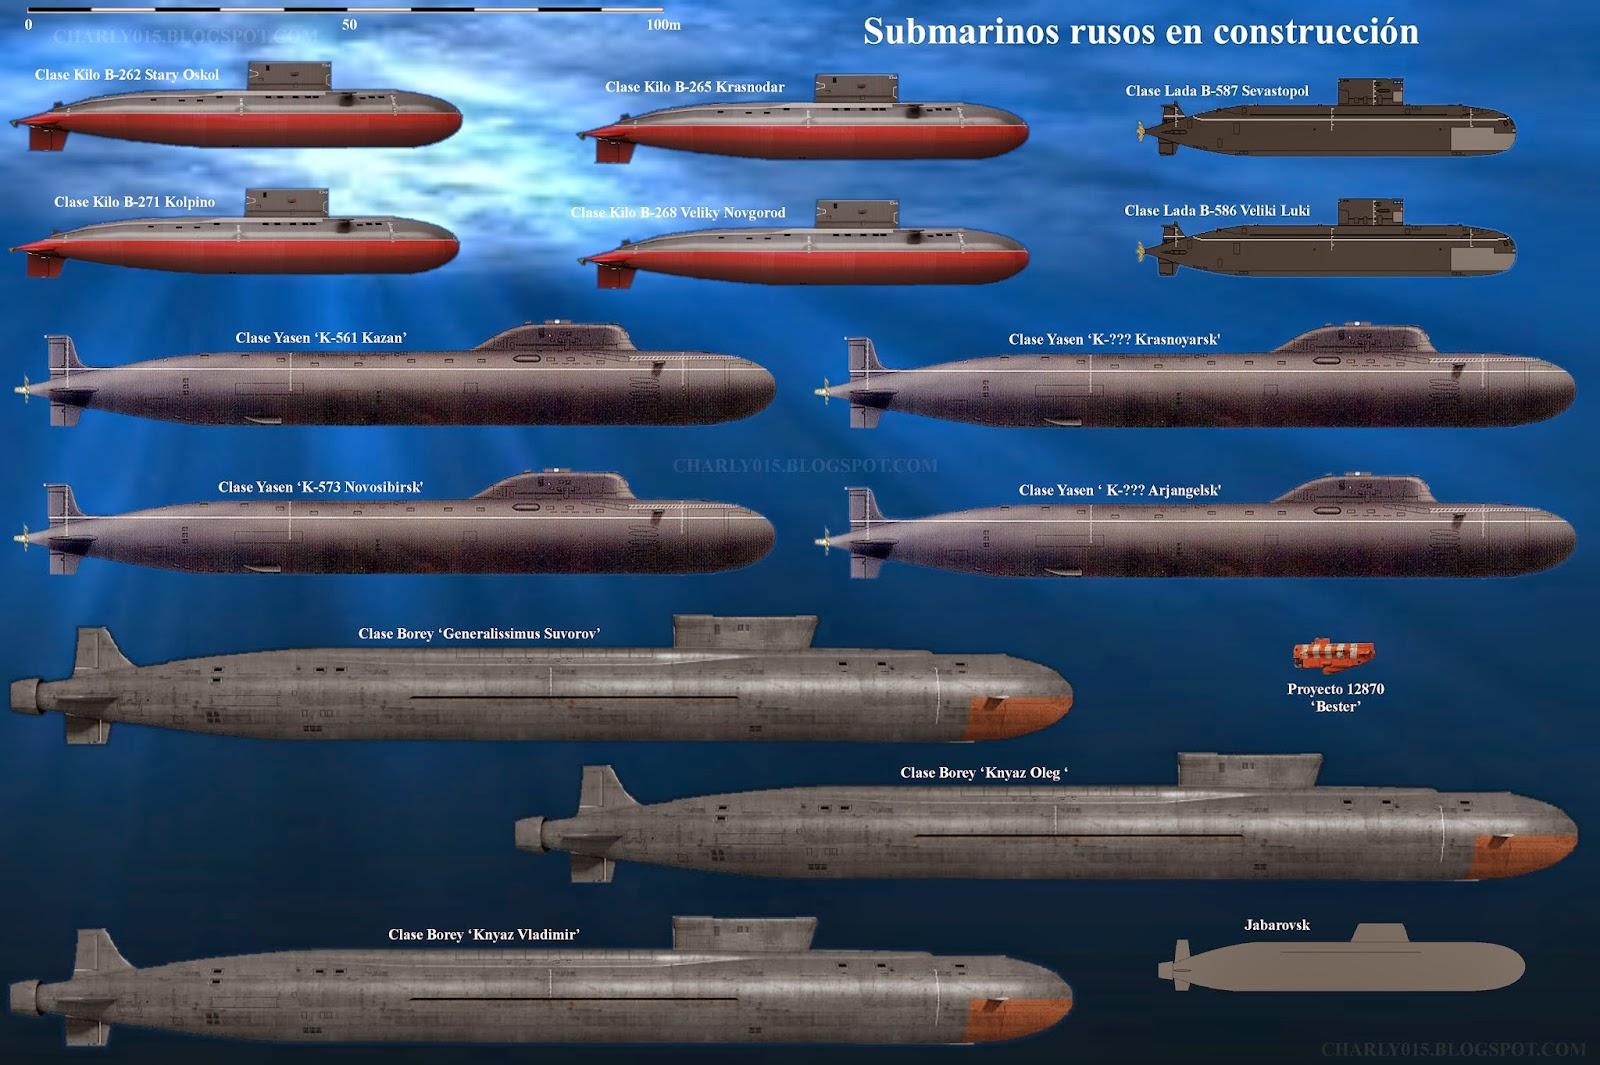 новейшее российское вооружение подводных лодок